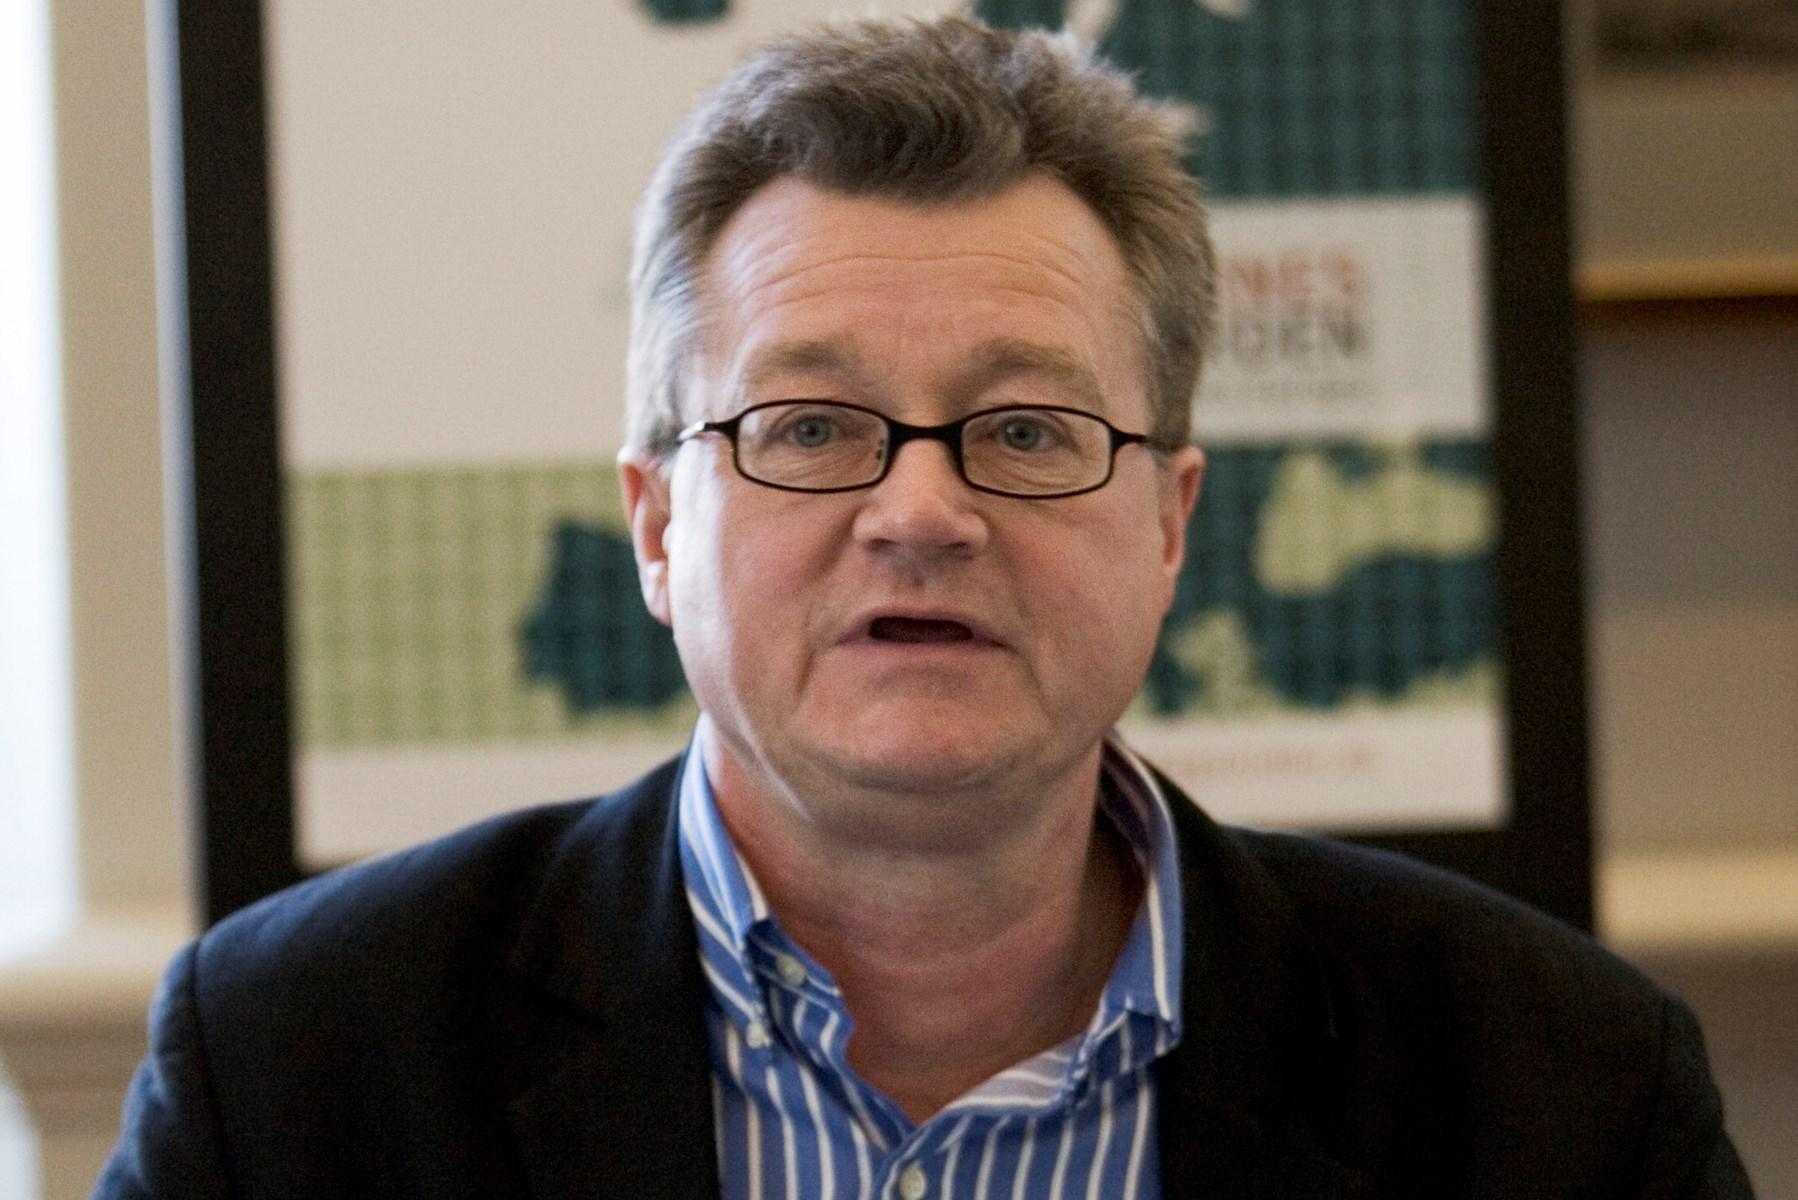 Socialdemokratiet skal vælge ny kandidat til Europa-Parlamentet